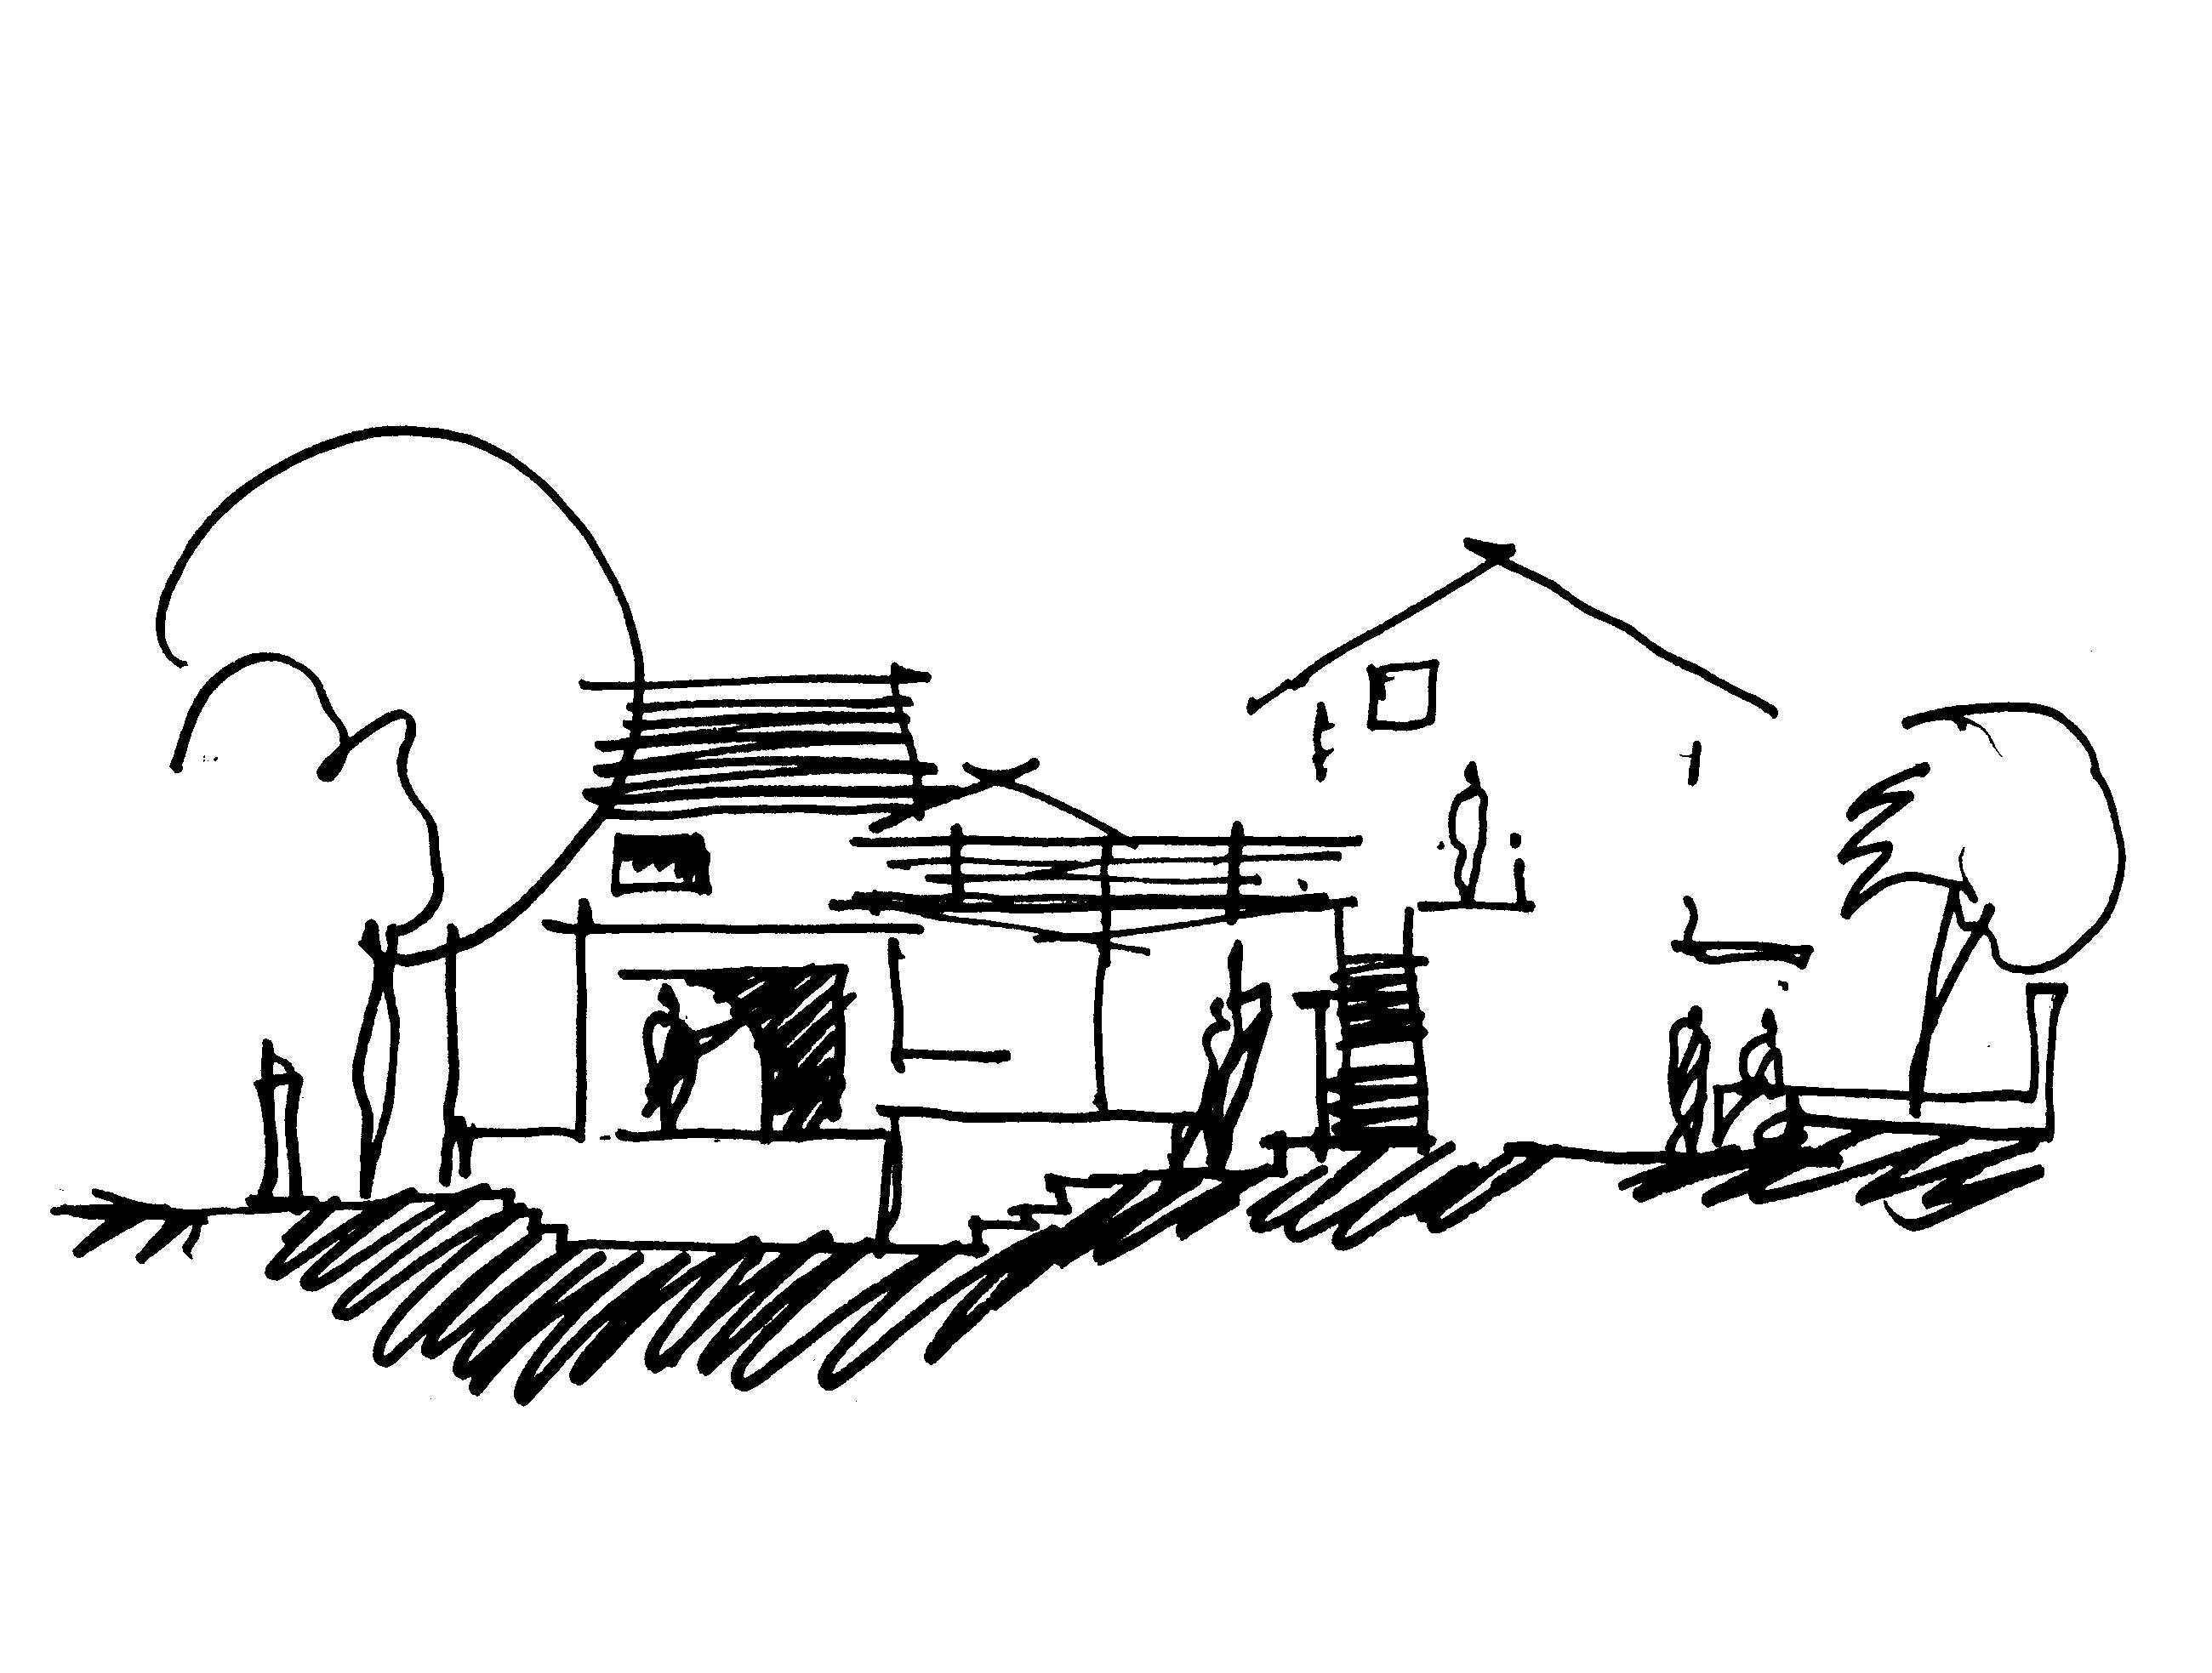 Line Design Images : Design philosophy · architecture paradigm